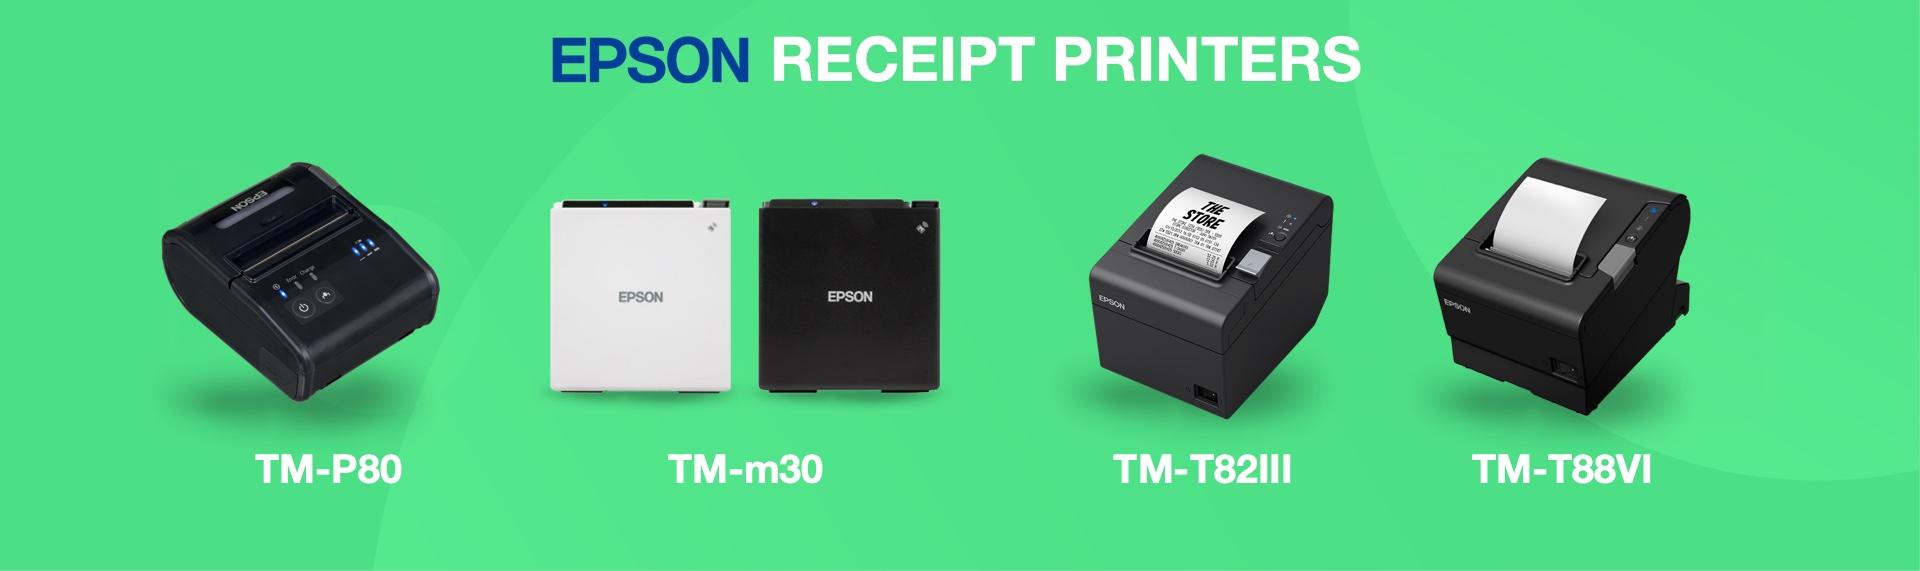 Epson Tm-m30 Tm-T82III Tm-T88VI